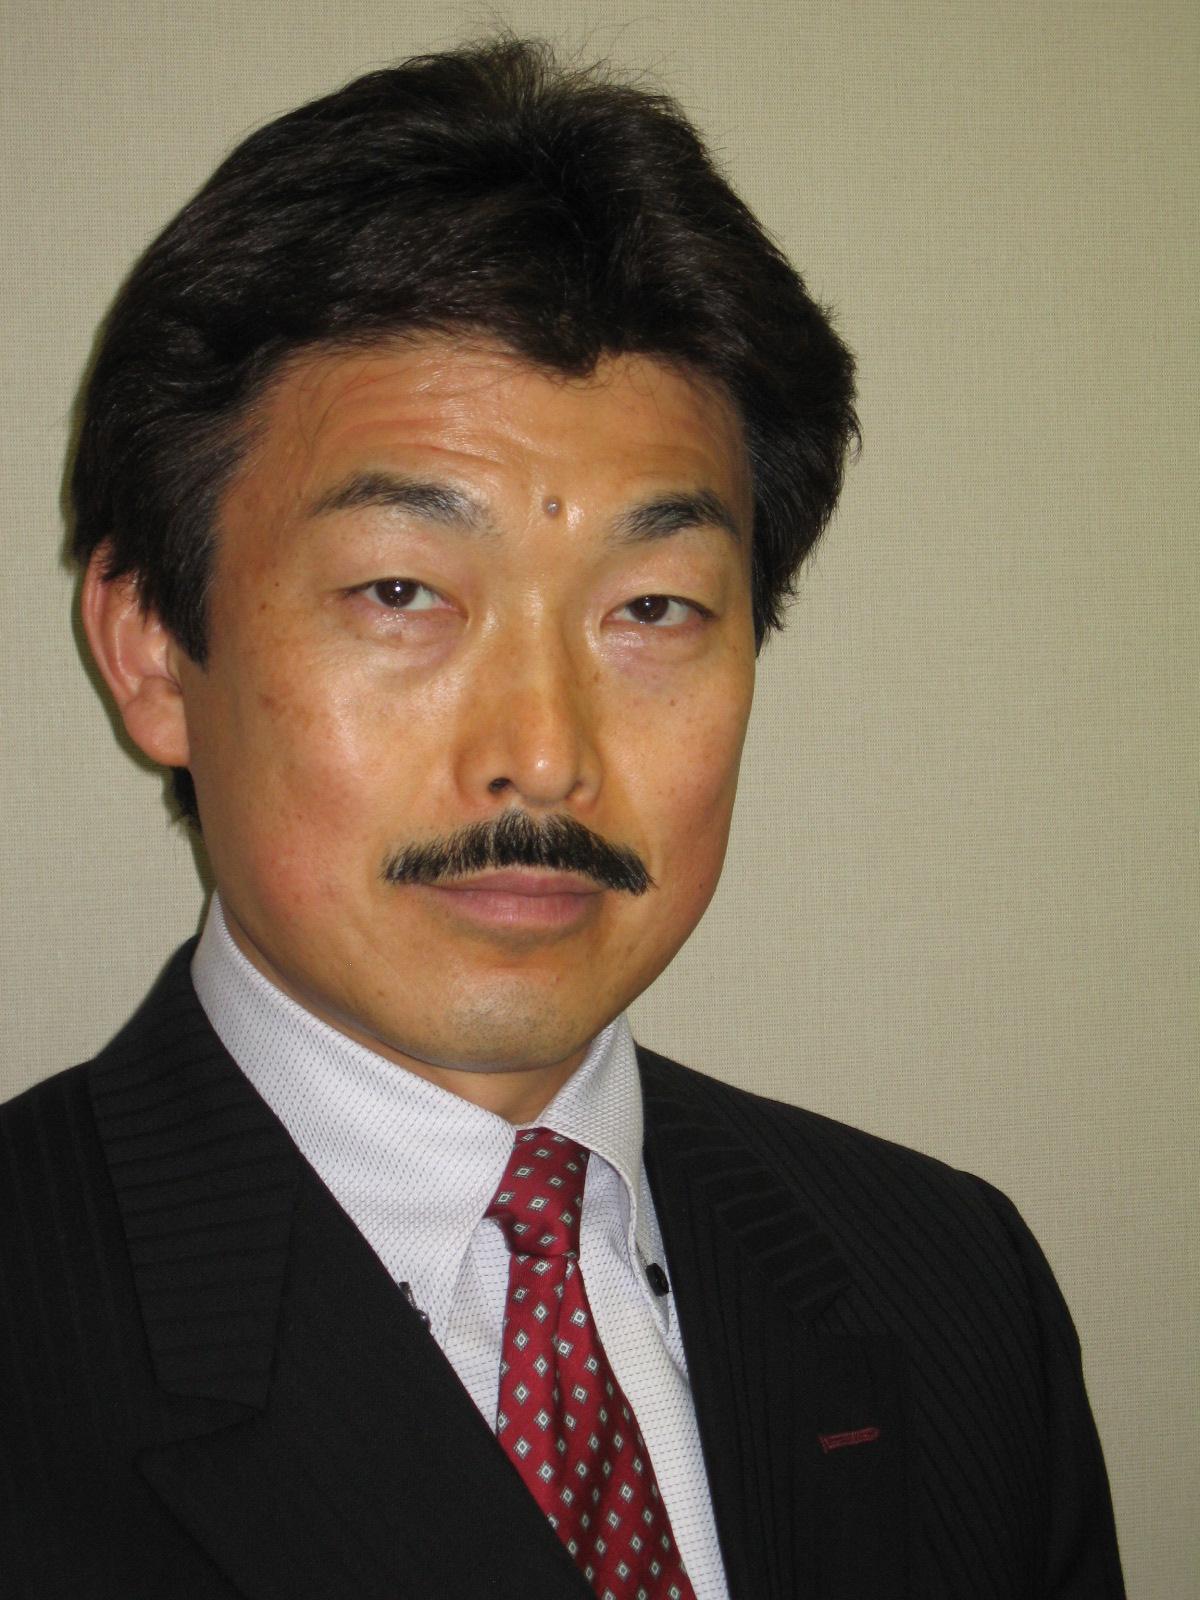 吉川先生顔写真